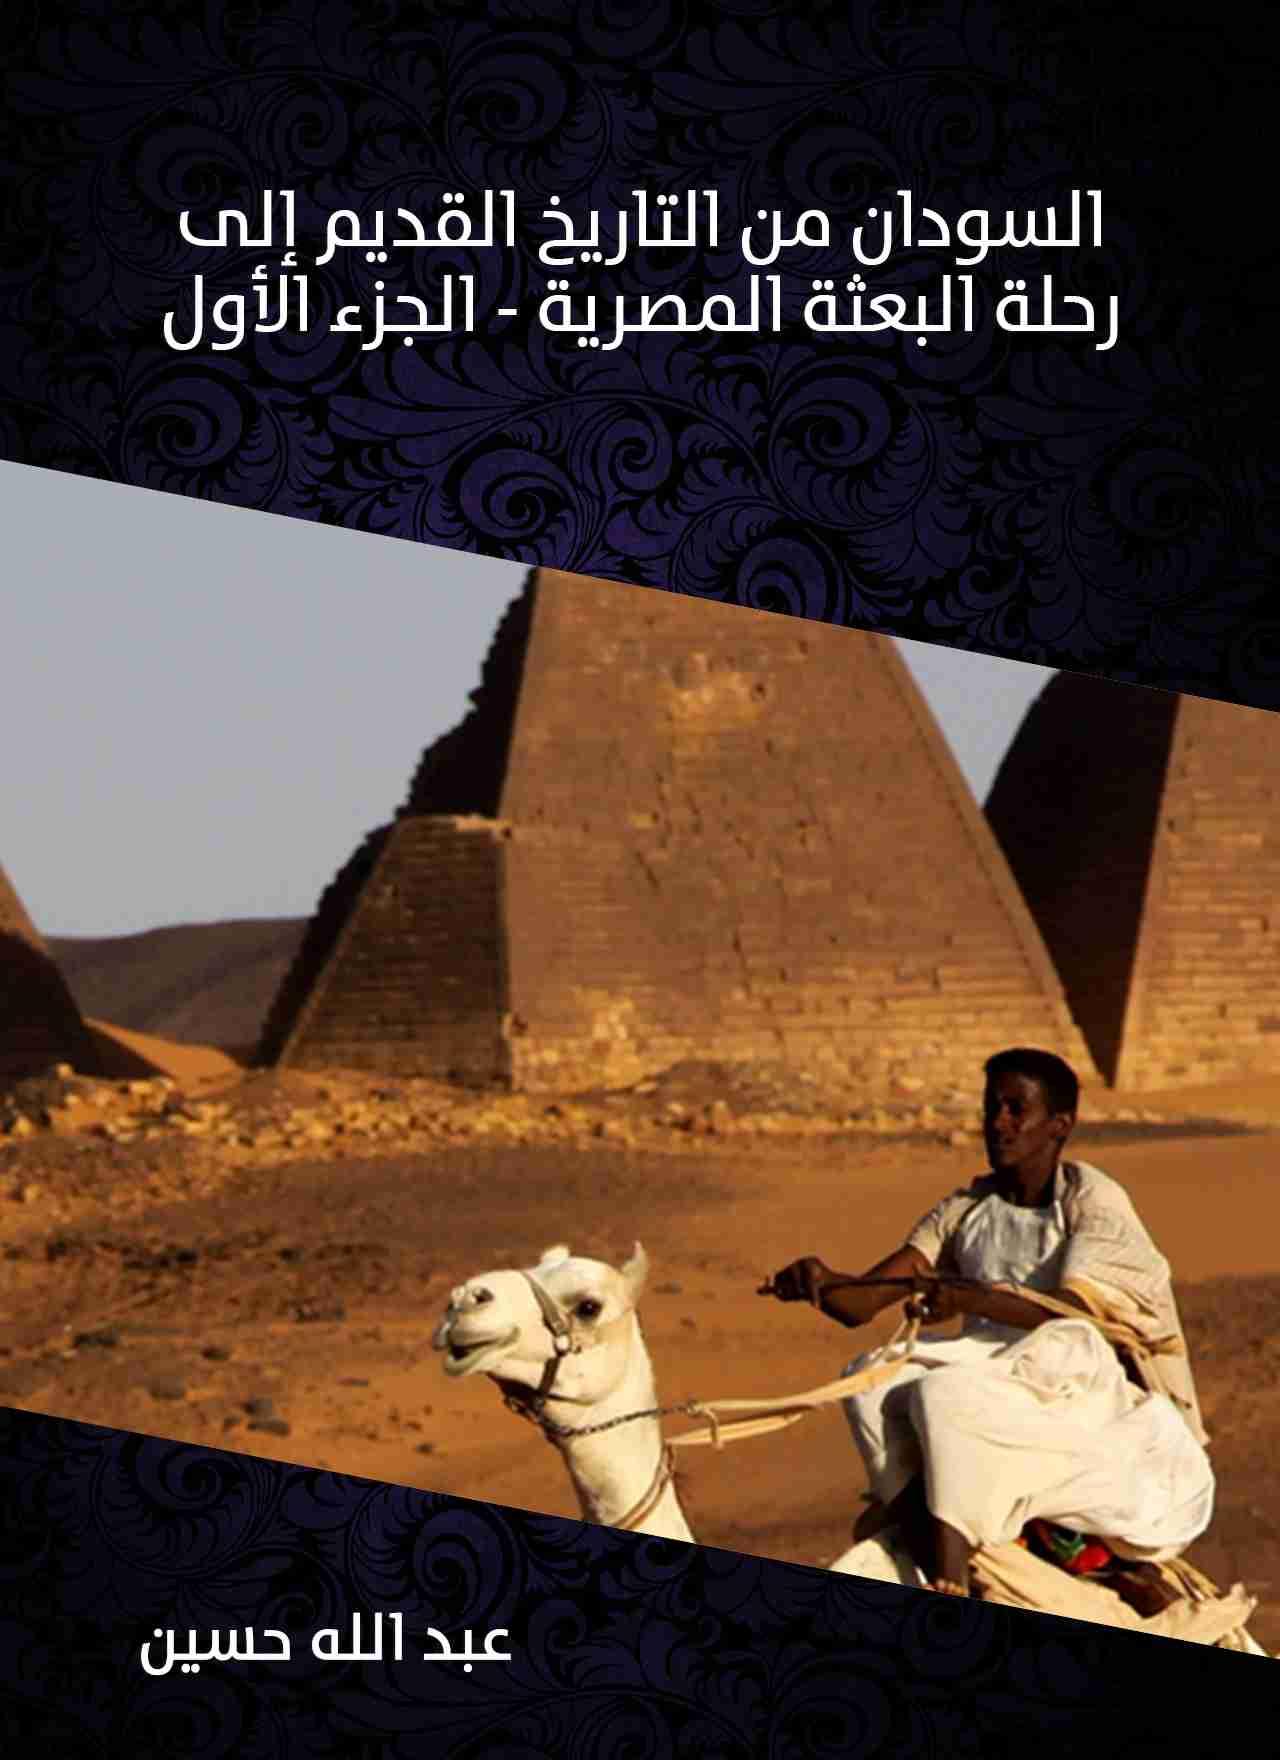 كتاب السودان من التاريخ القديم إلى رحلة البعثة المصرية (الجزء الأول) لـ عبدالله حسين